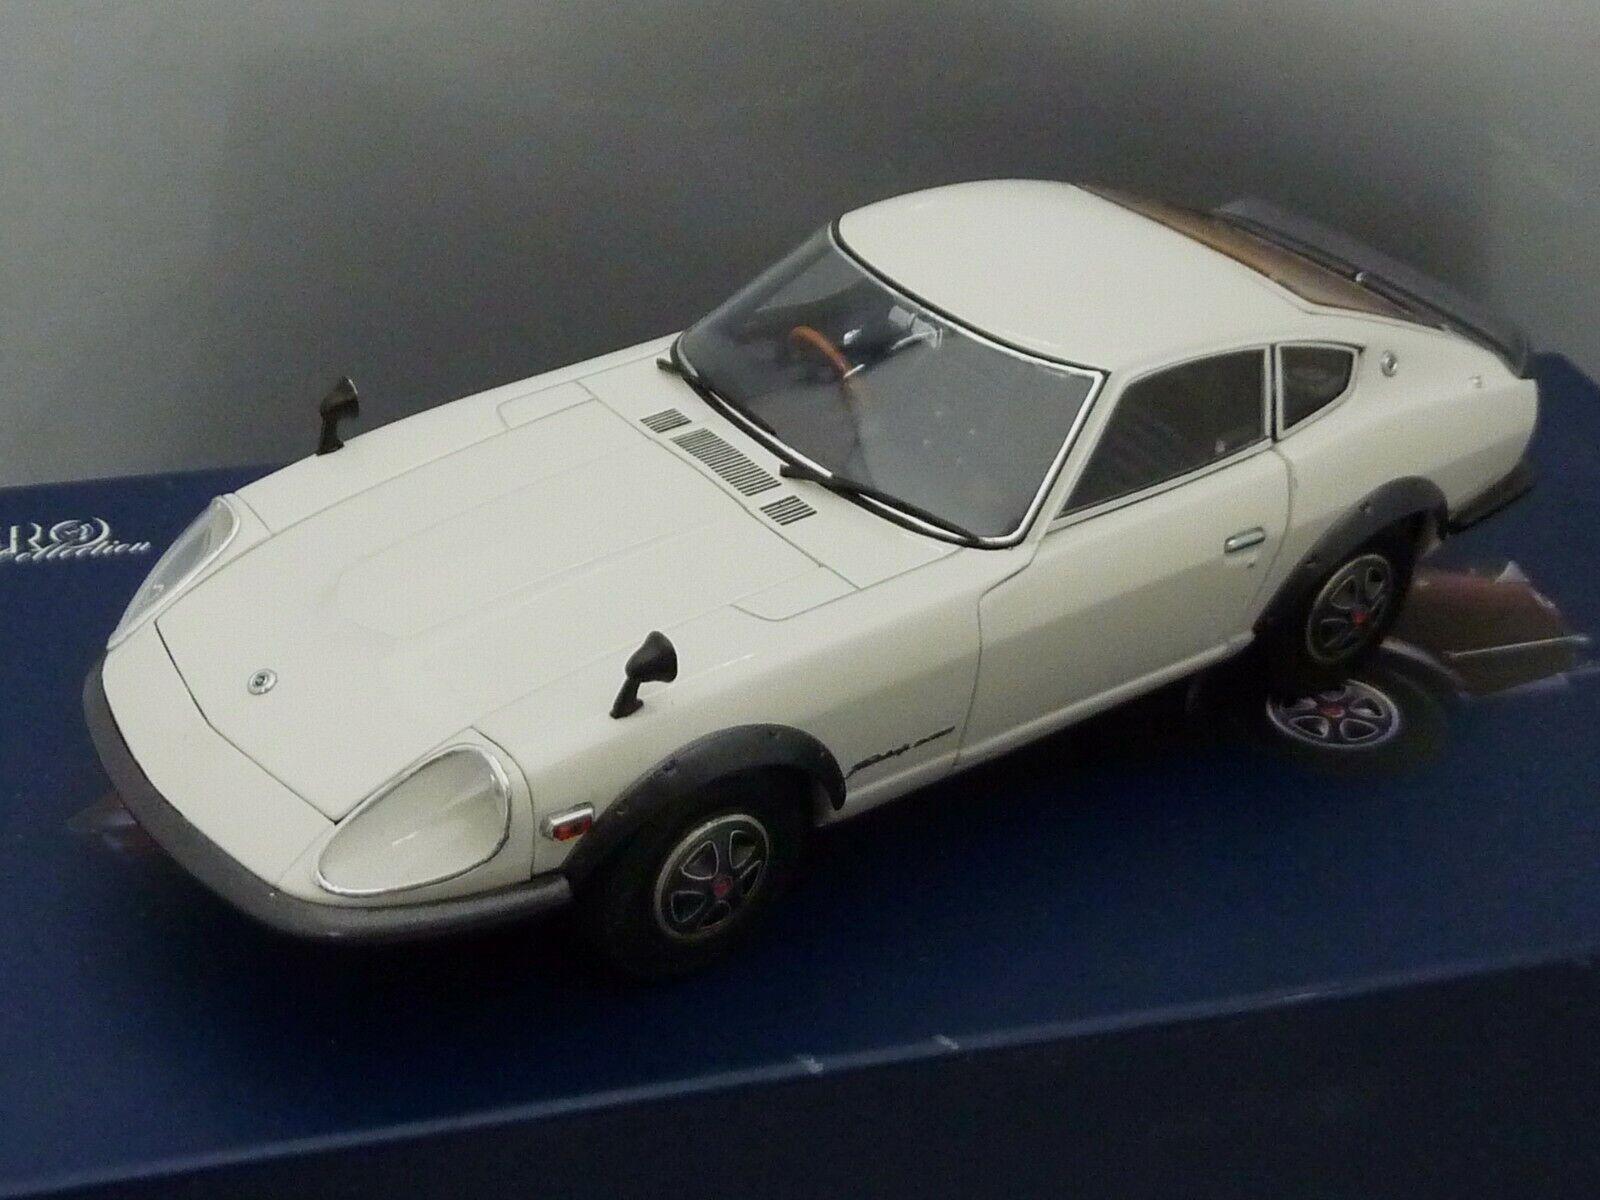 1 24 Ebbro Nissan Fairlady  240Z-G (Blanc)  marques de créateurs bon marché